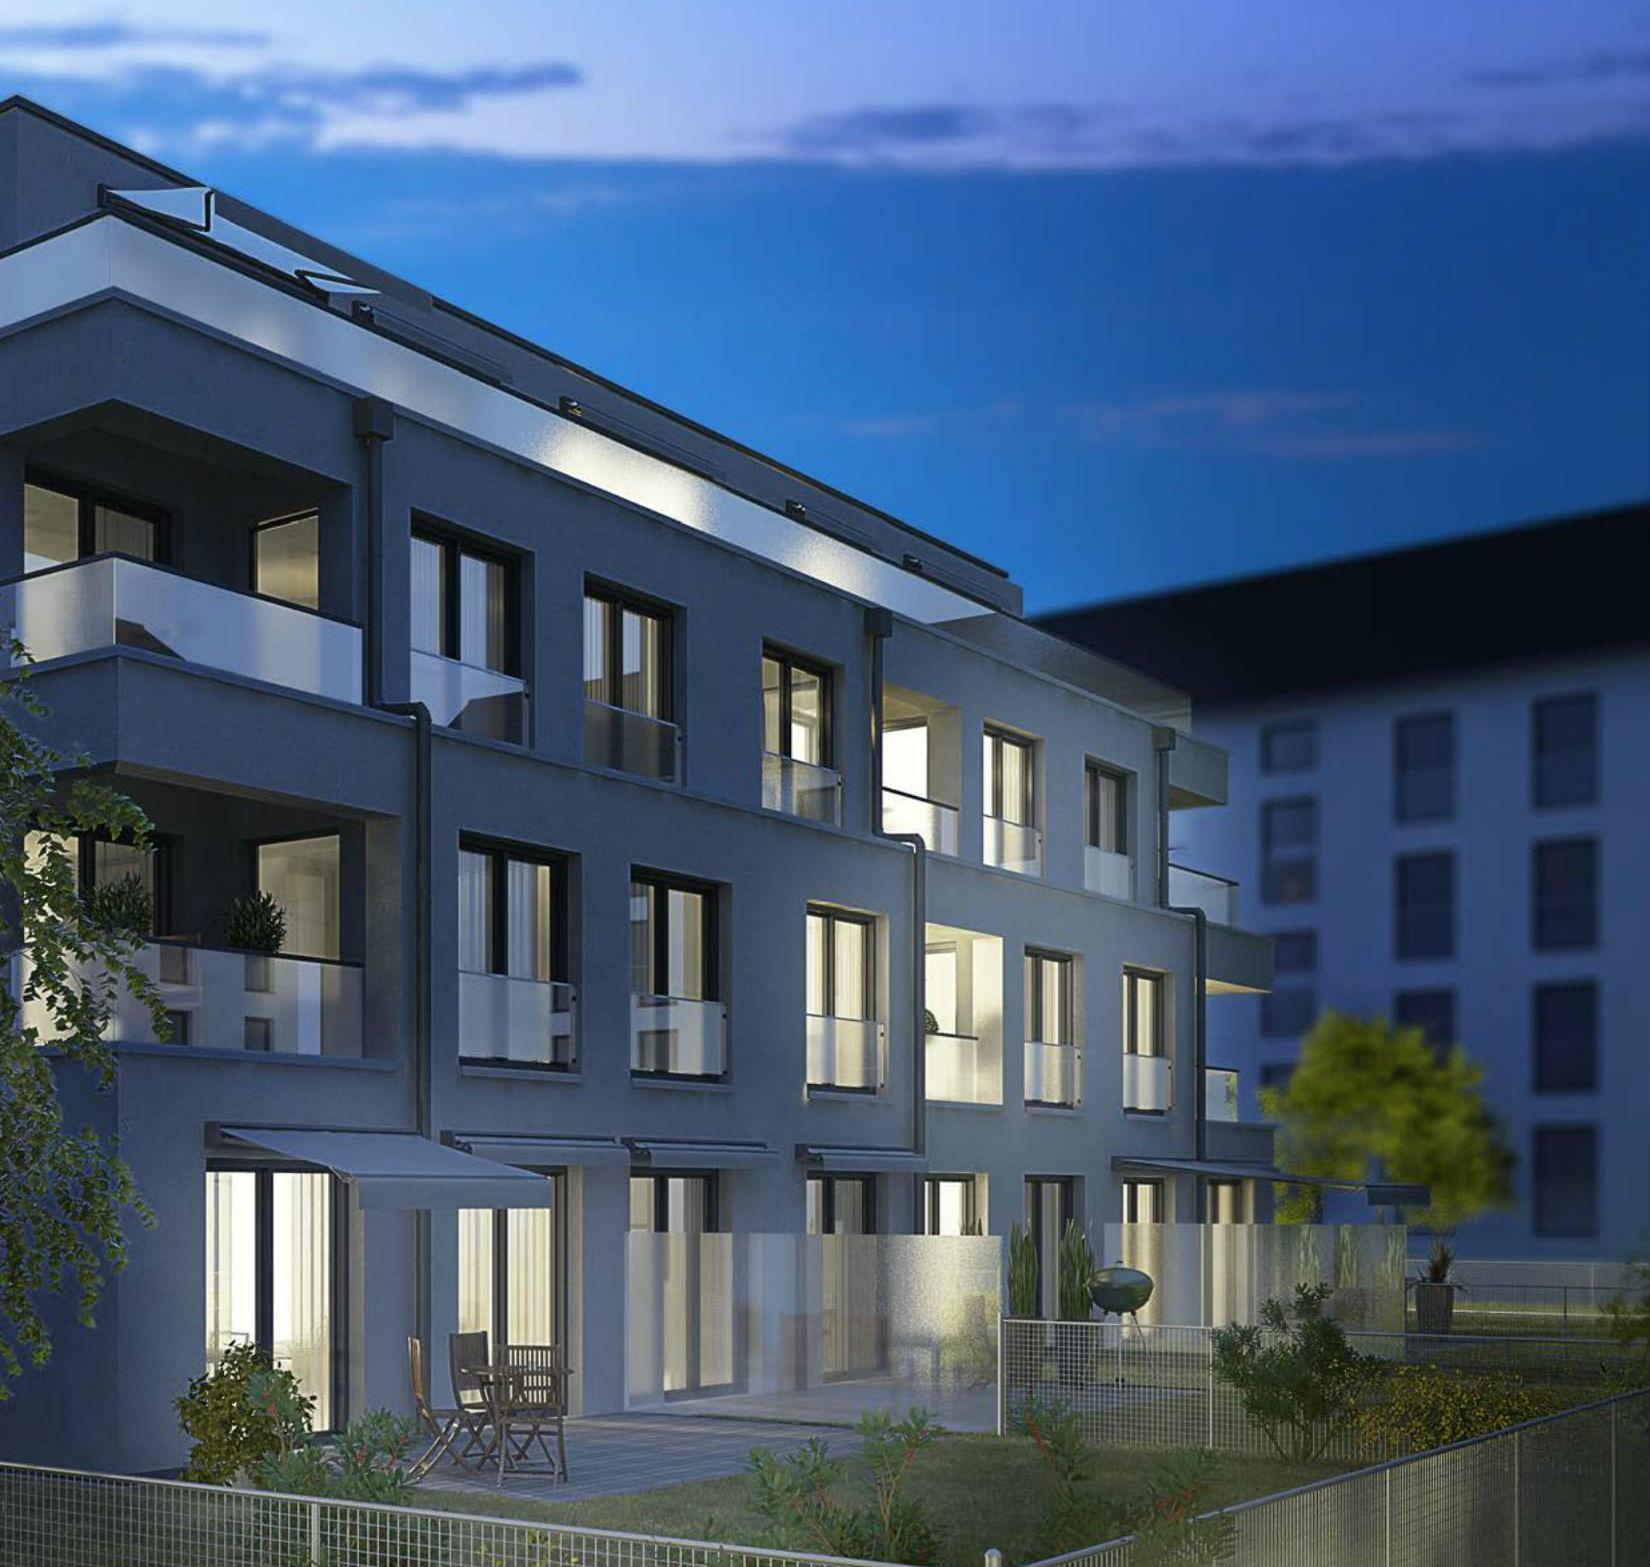 Фото №8 квартиры в Мюнхен за от 840.000 евро евро